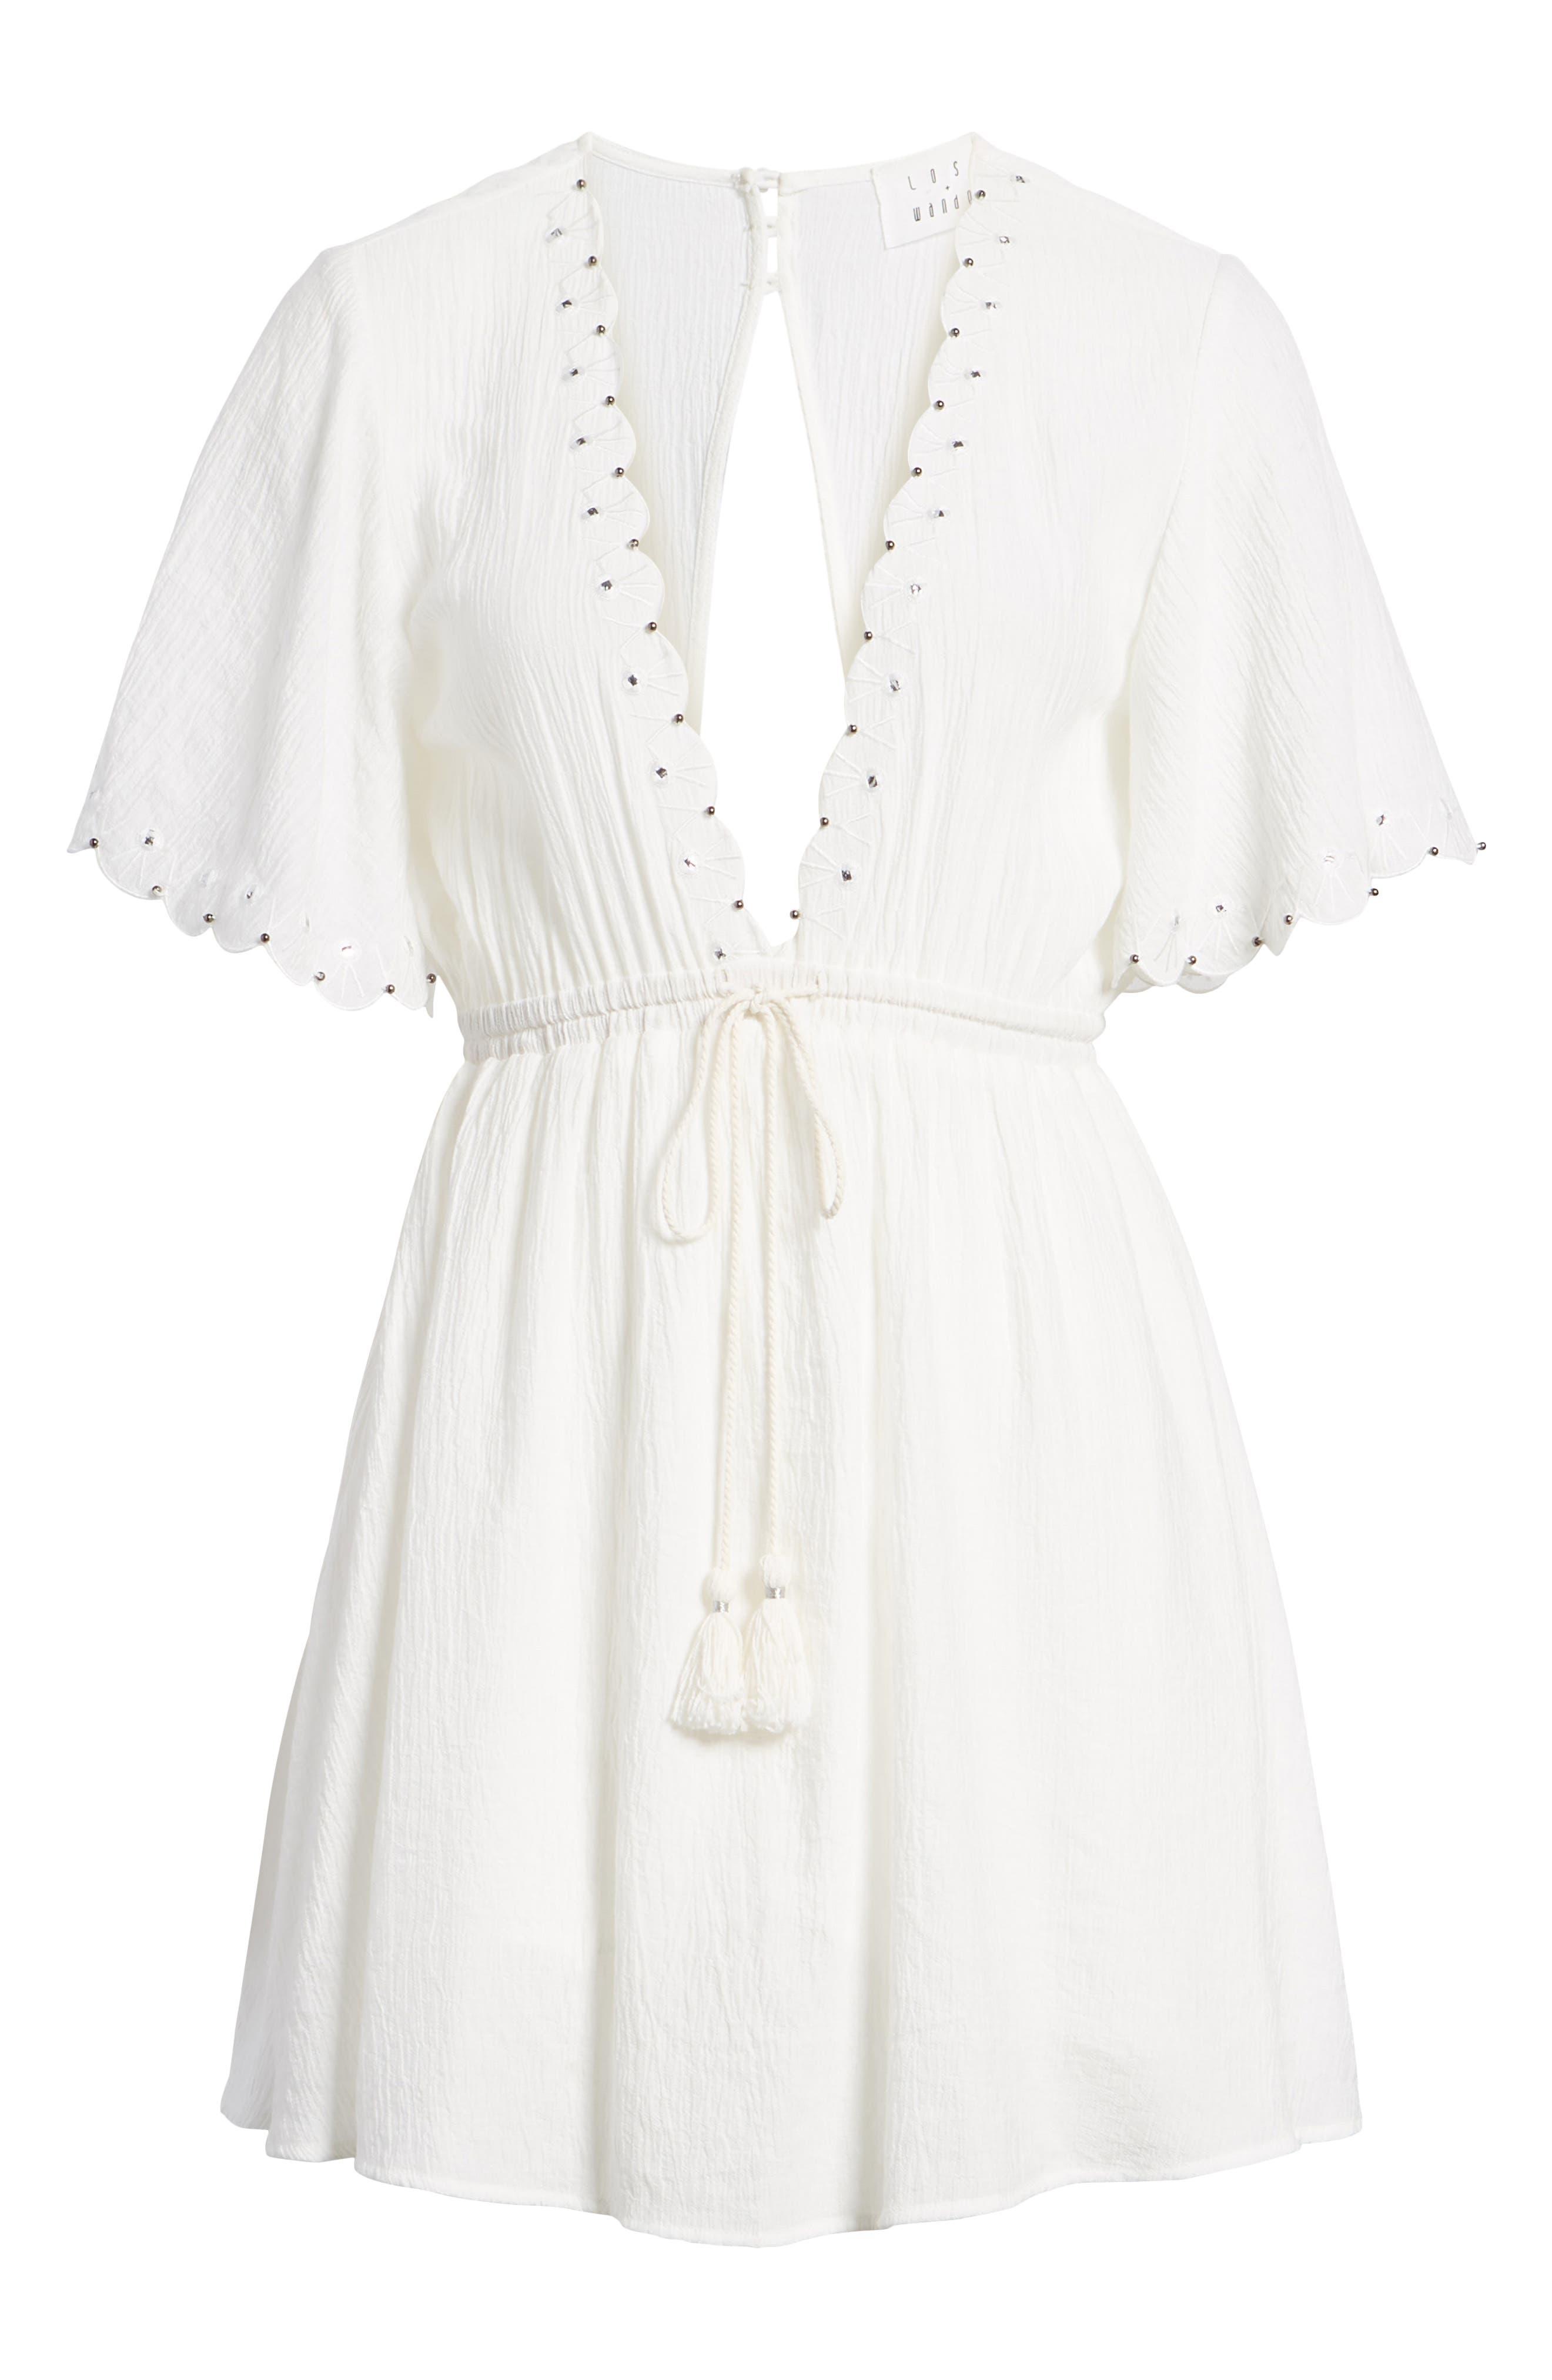 Magnolia Flutter Sleeve Dress,                             Alternate thumbnail 7, color,                             White